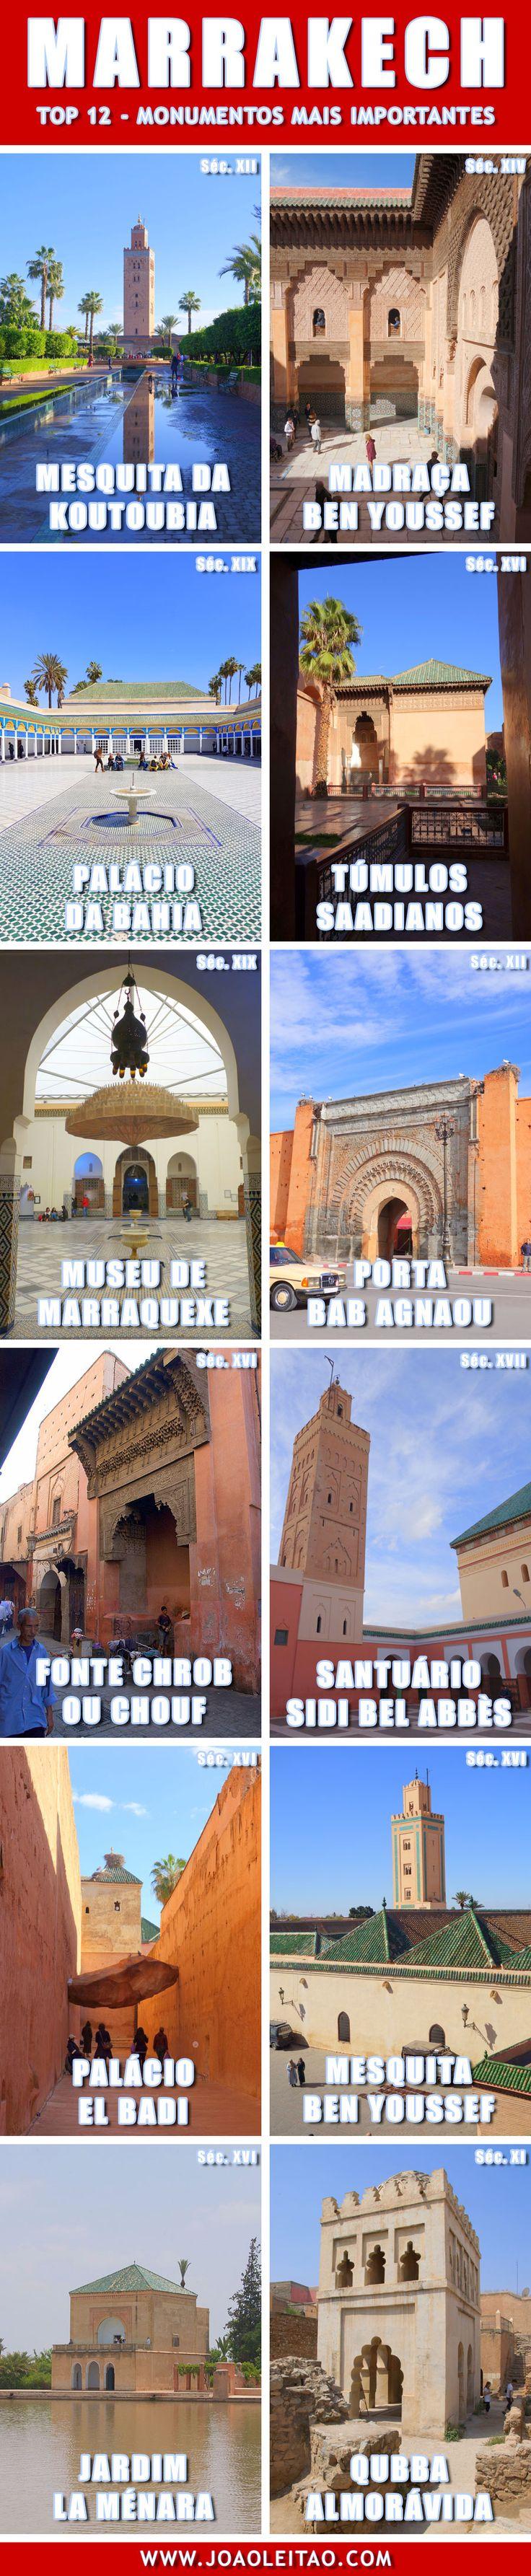 Marrakech Marrocos (Marraquexe) - Top 12 Monumentos mais importantes                                                                                                                                                                                 More